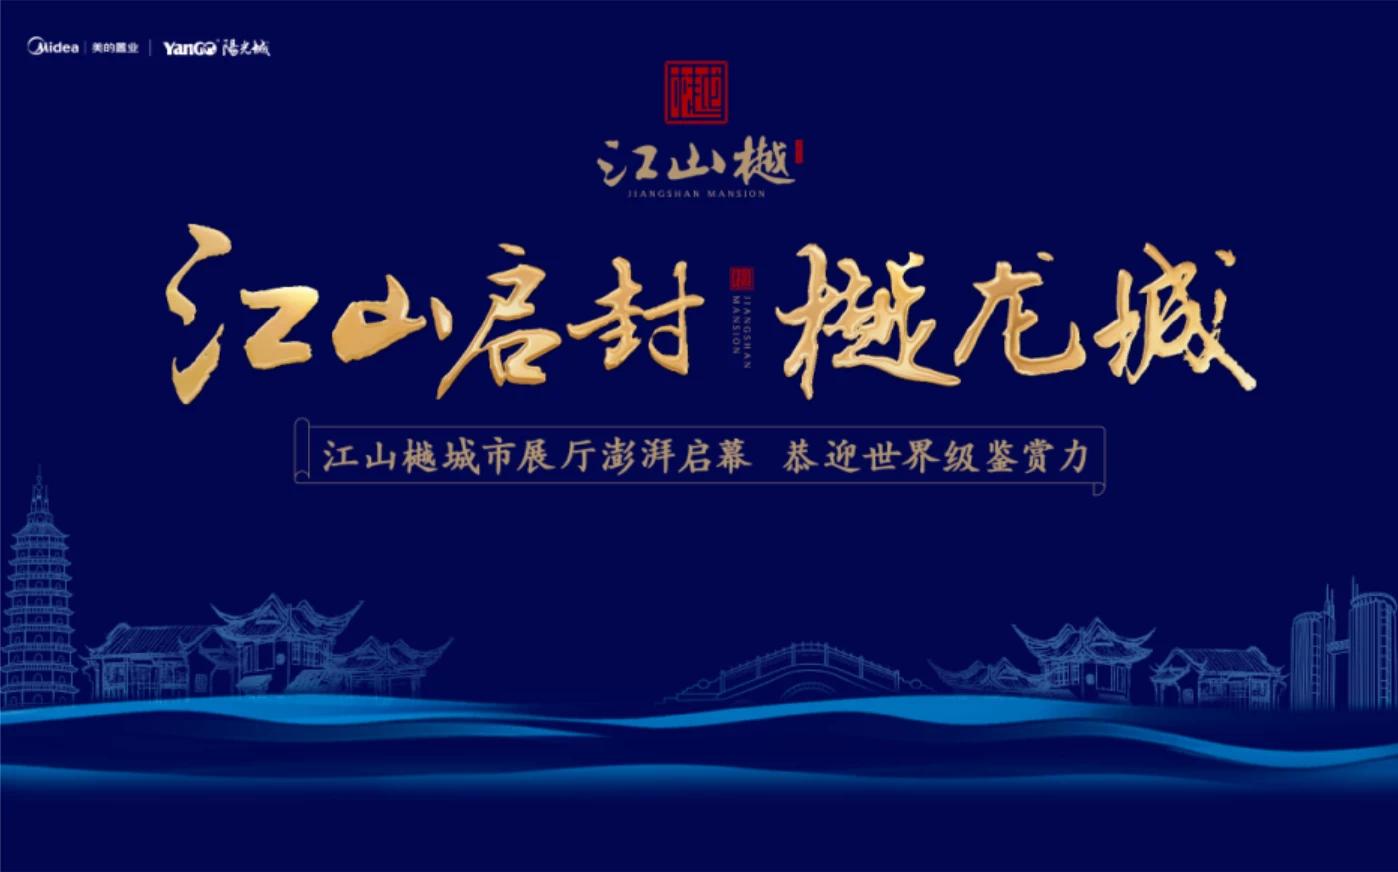 江山启封 樾龙城 | 常州美的阳光城·江山樾城市展厅风雅绽放